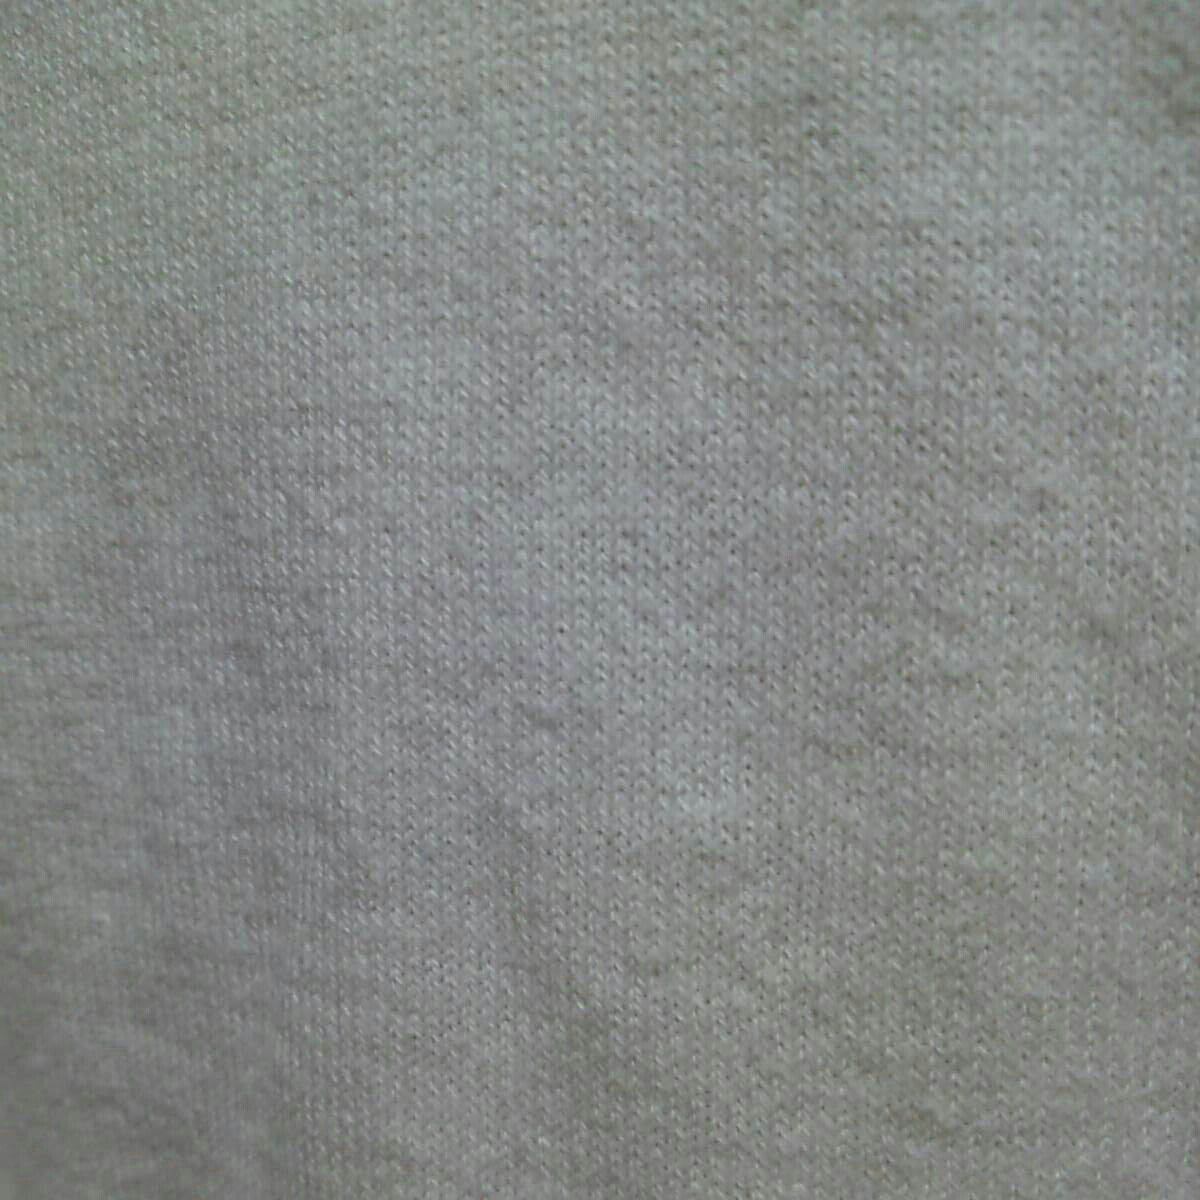 中古品 GAPKids 150cm ショート丈 長袖カーディガン 白 綿100% 子供服 女の子 上着 羽織もの 薄手_画像4